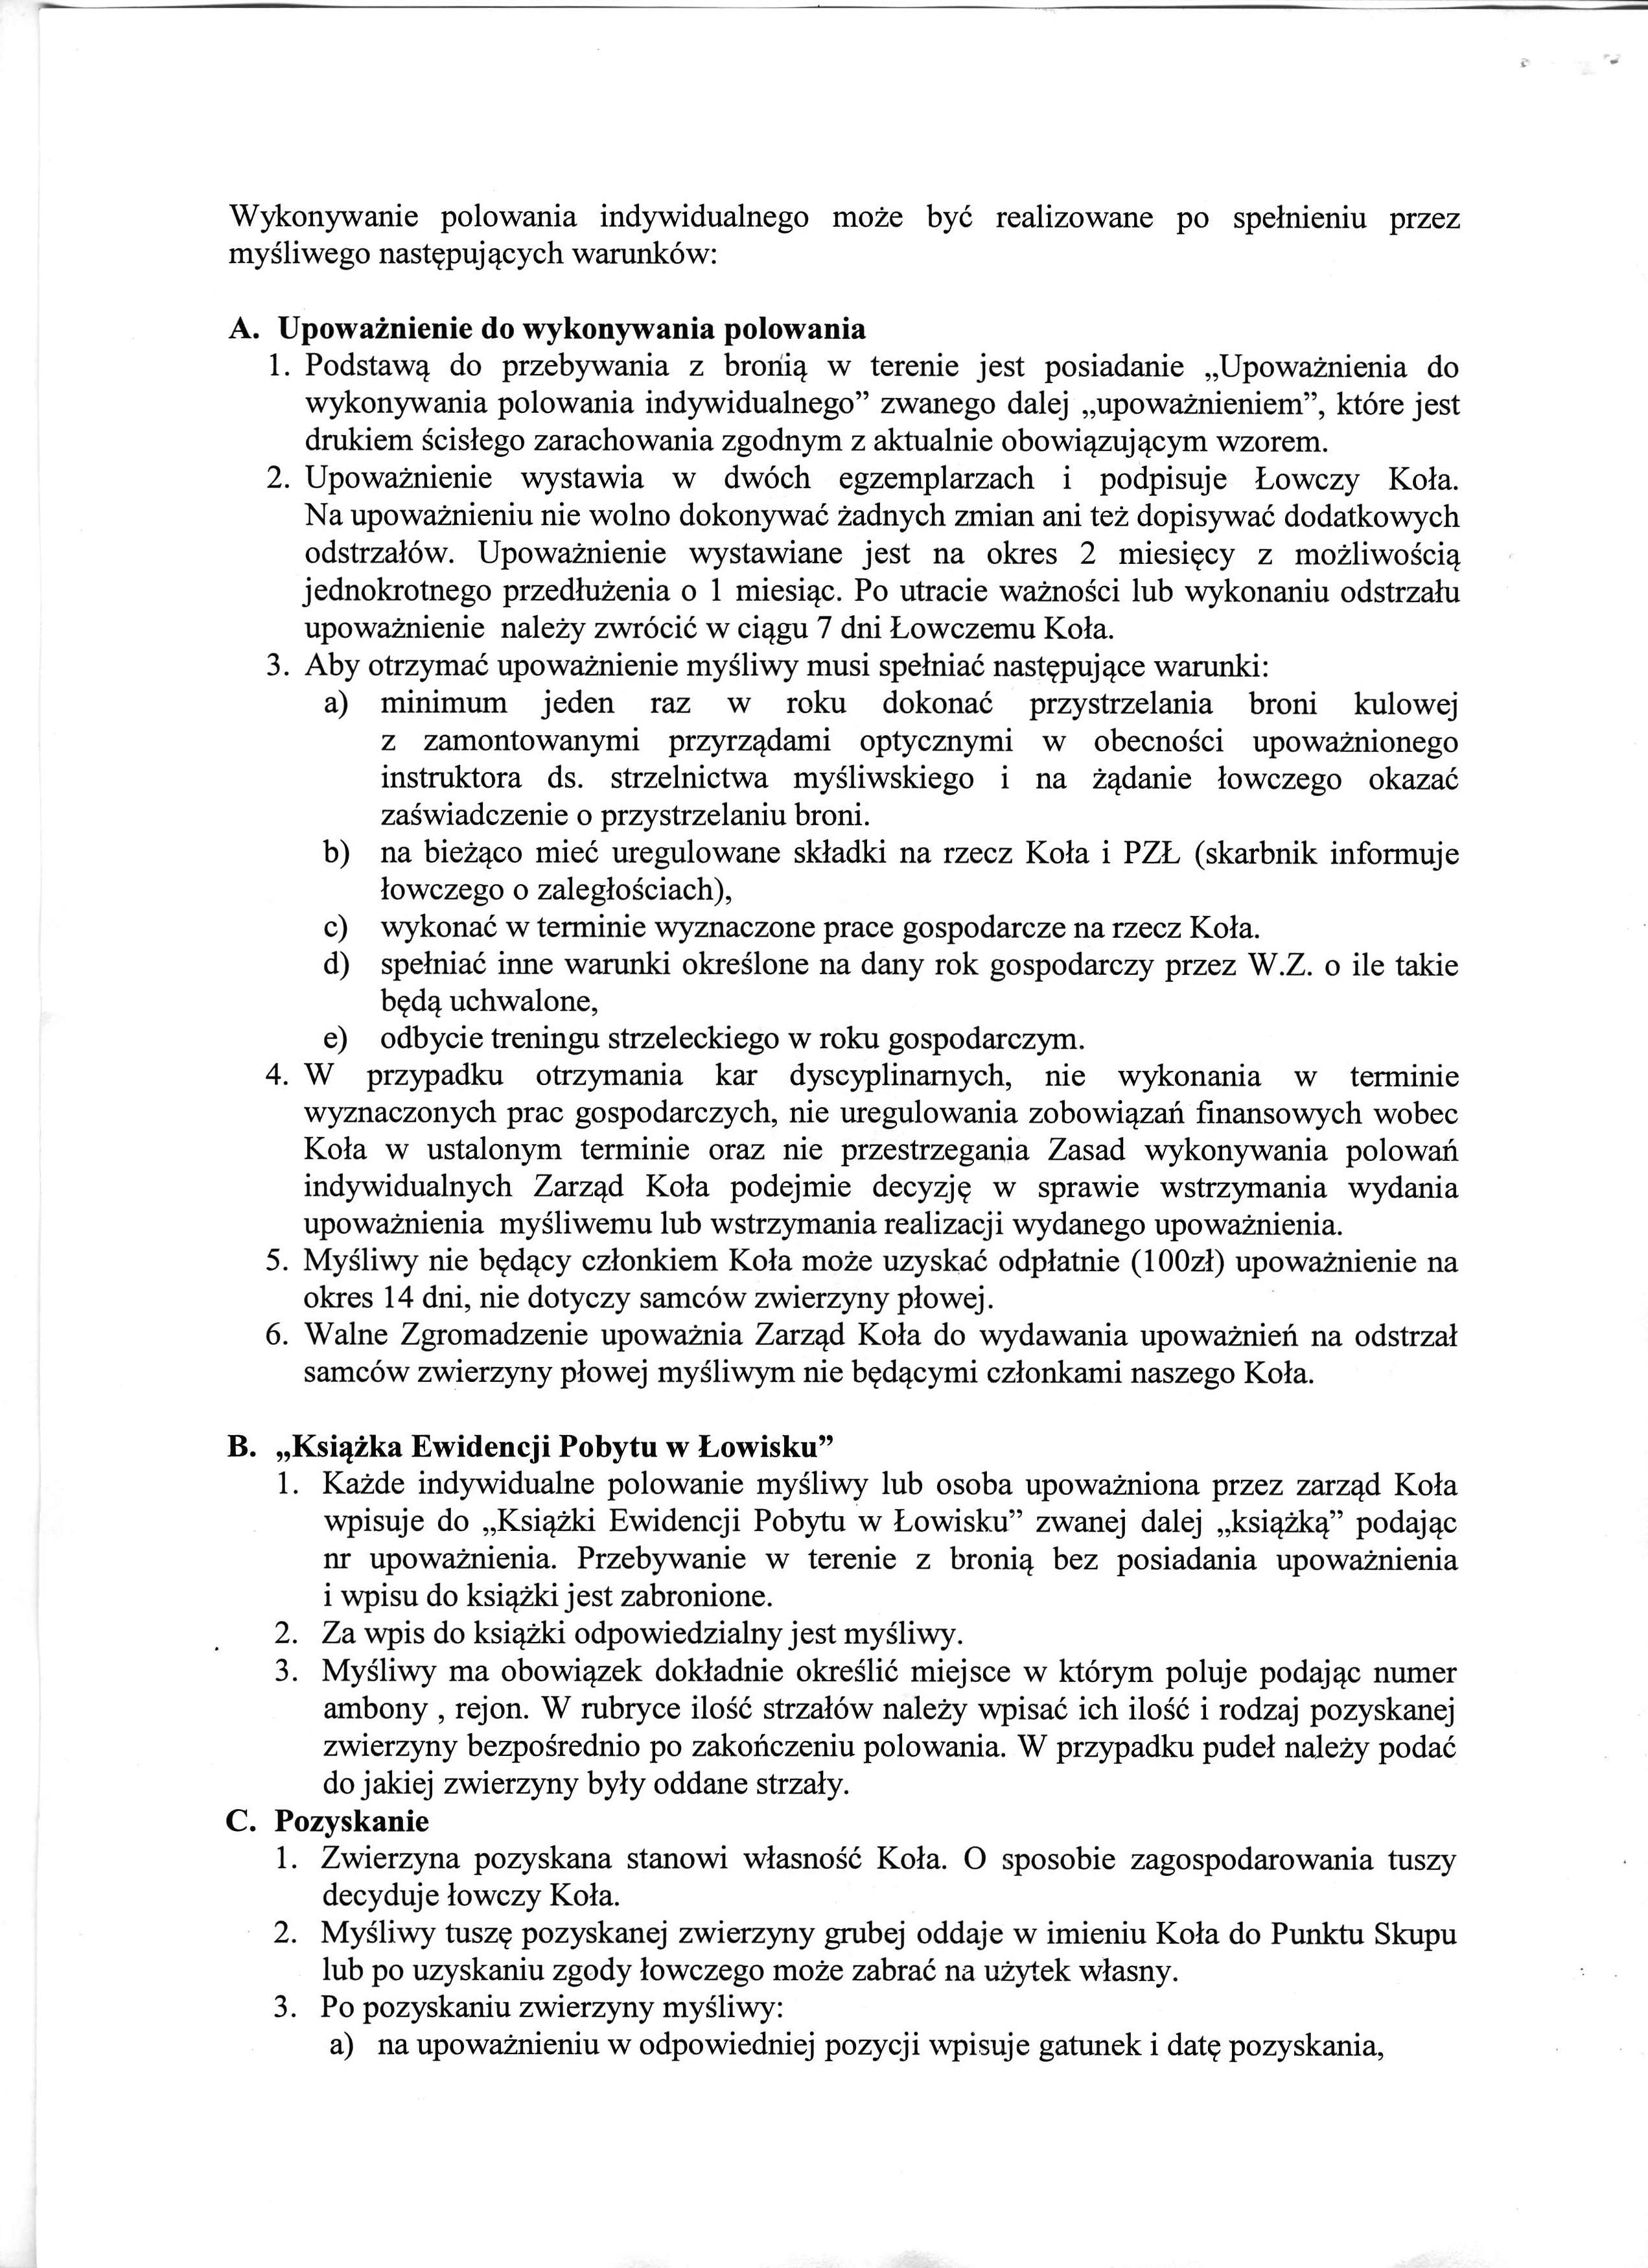 Zasady wykonywania polowań indywidualnych (2)